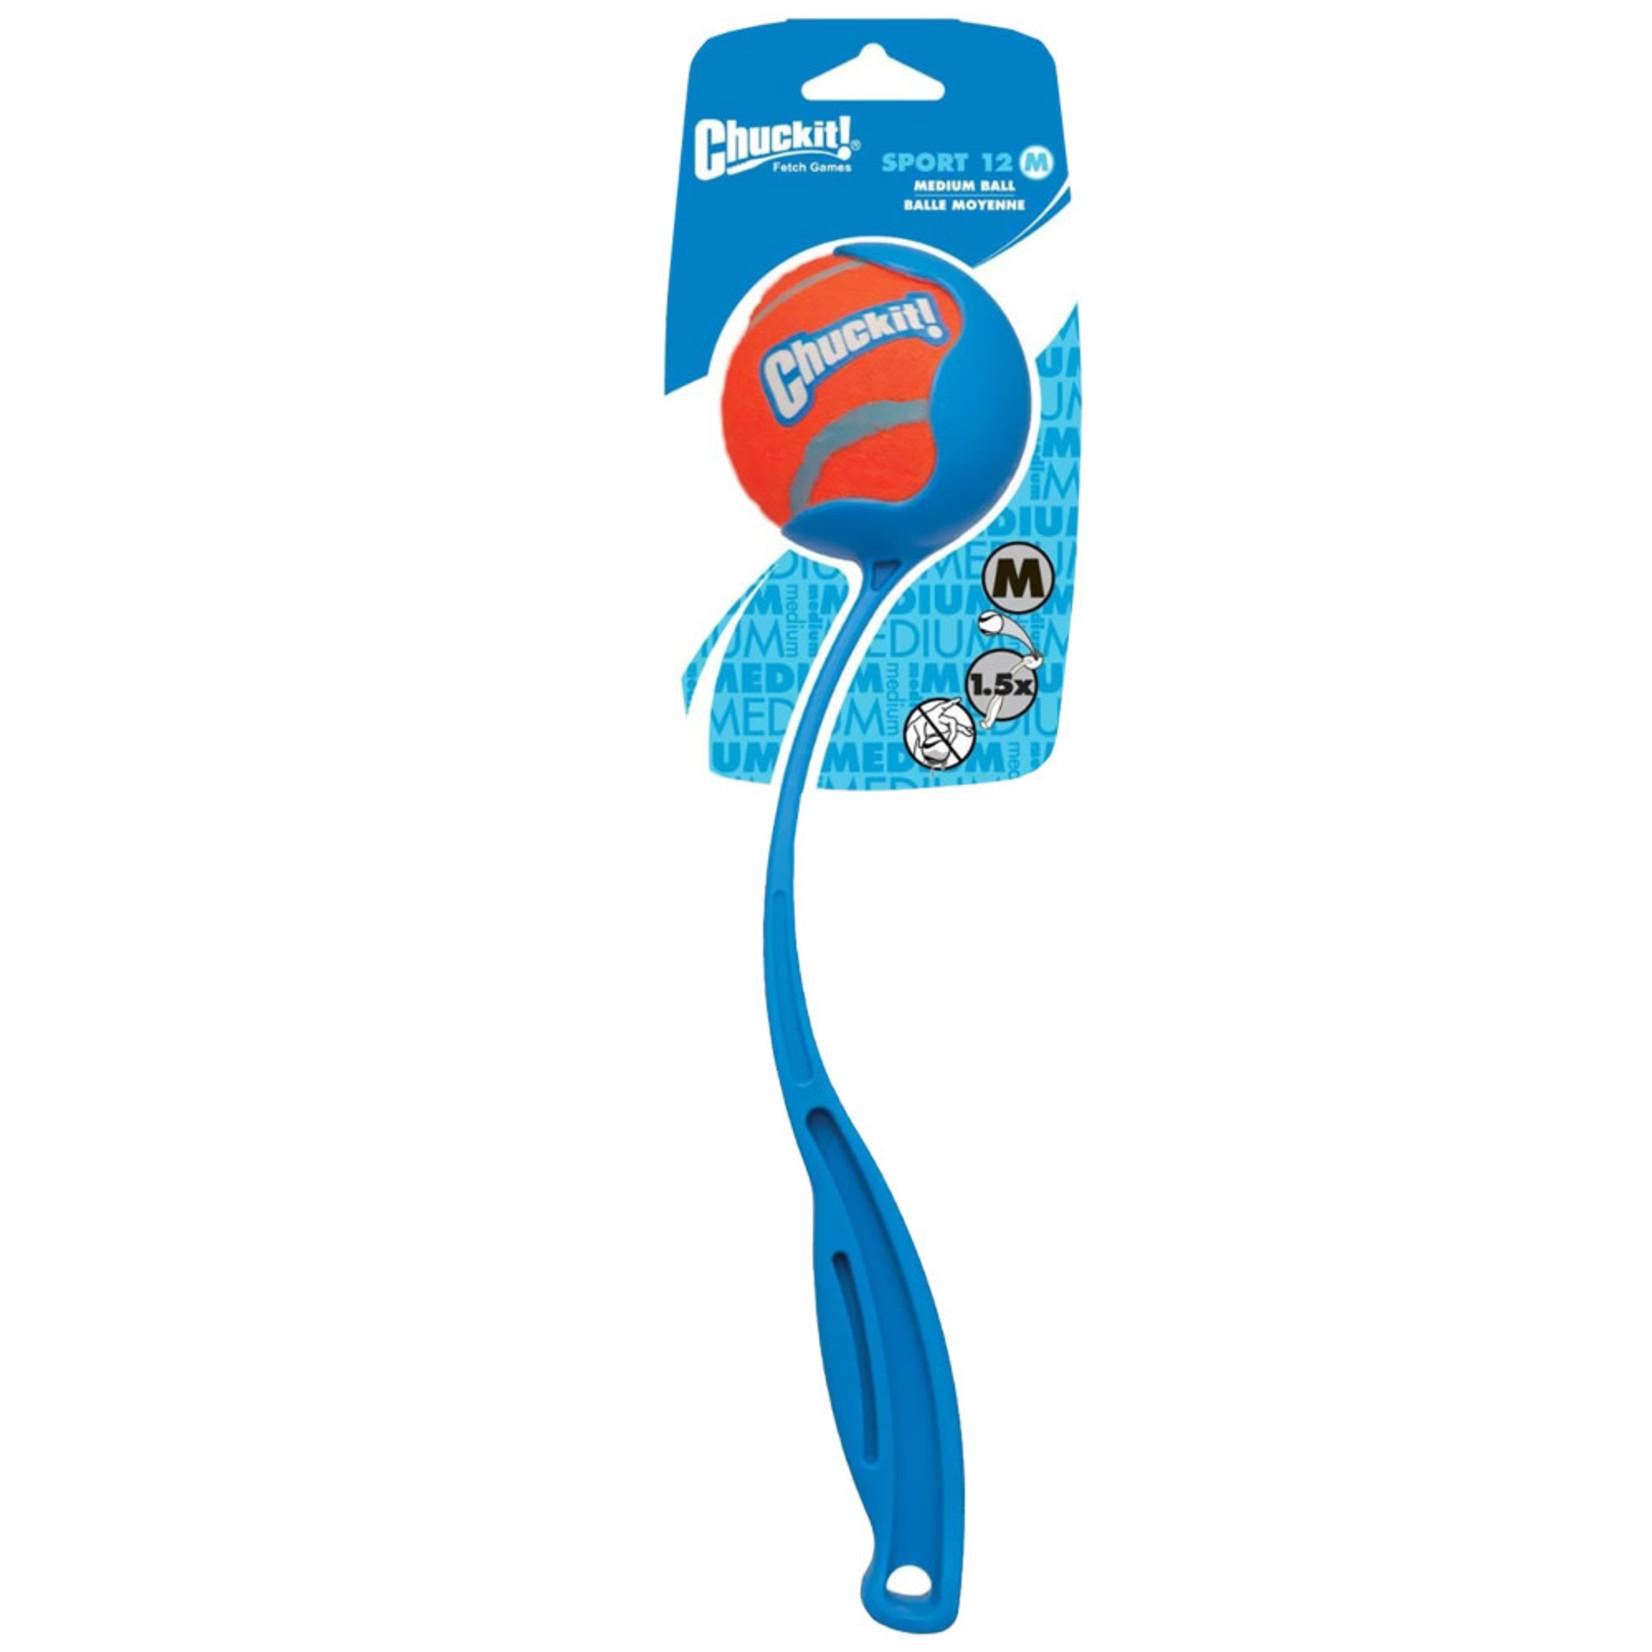 """Chuck-it Chuckit Dog Sport Ball Launcher 12"""" Medium"""